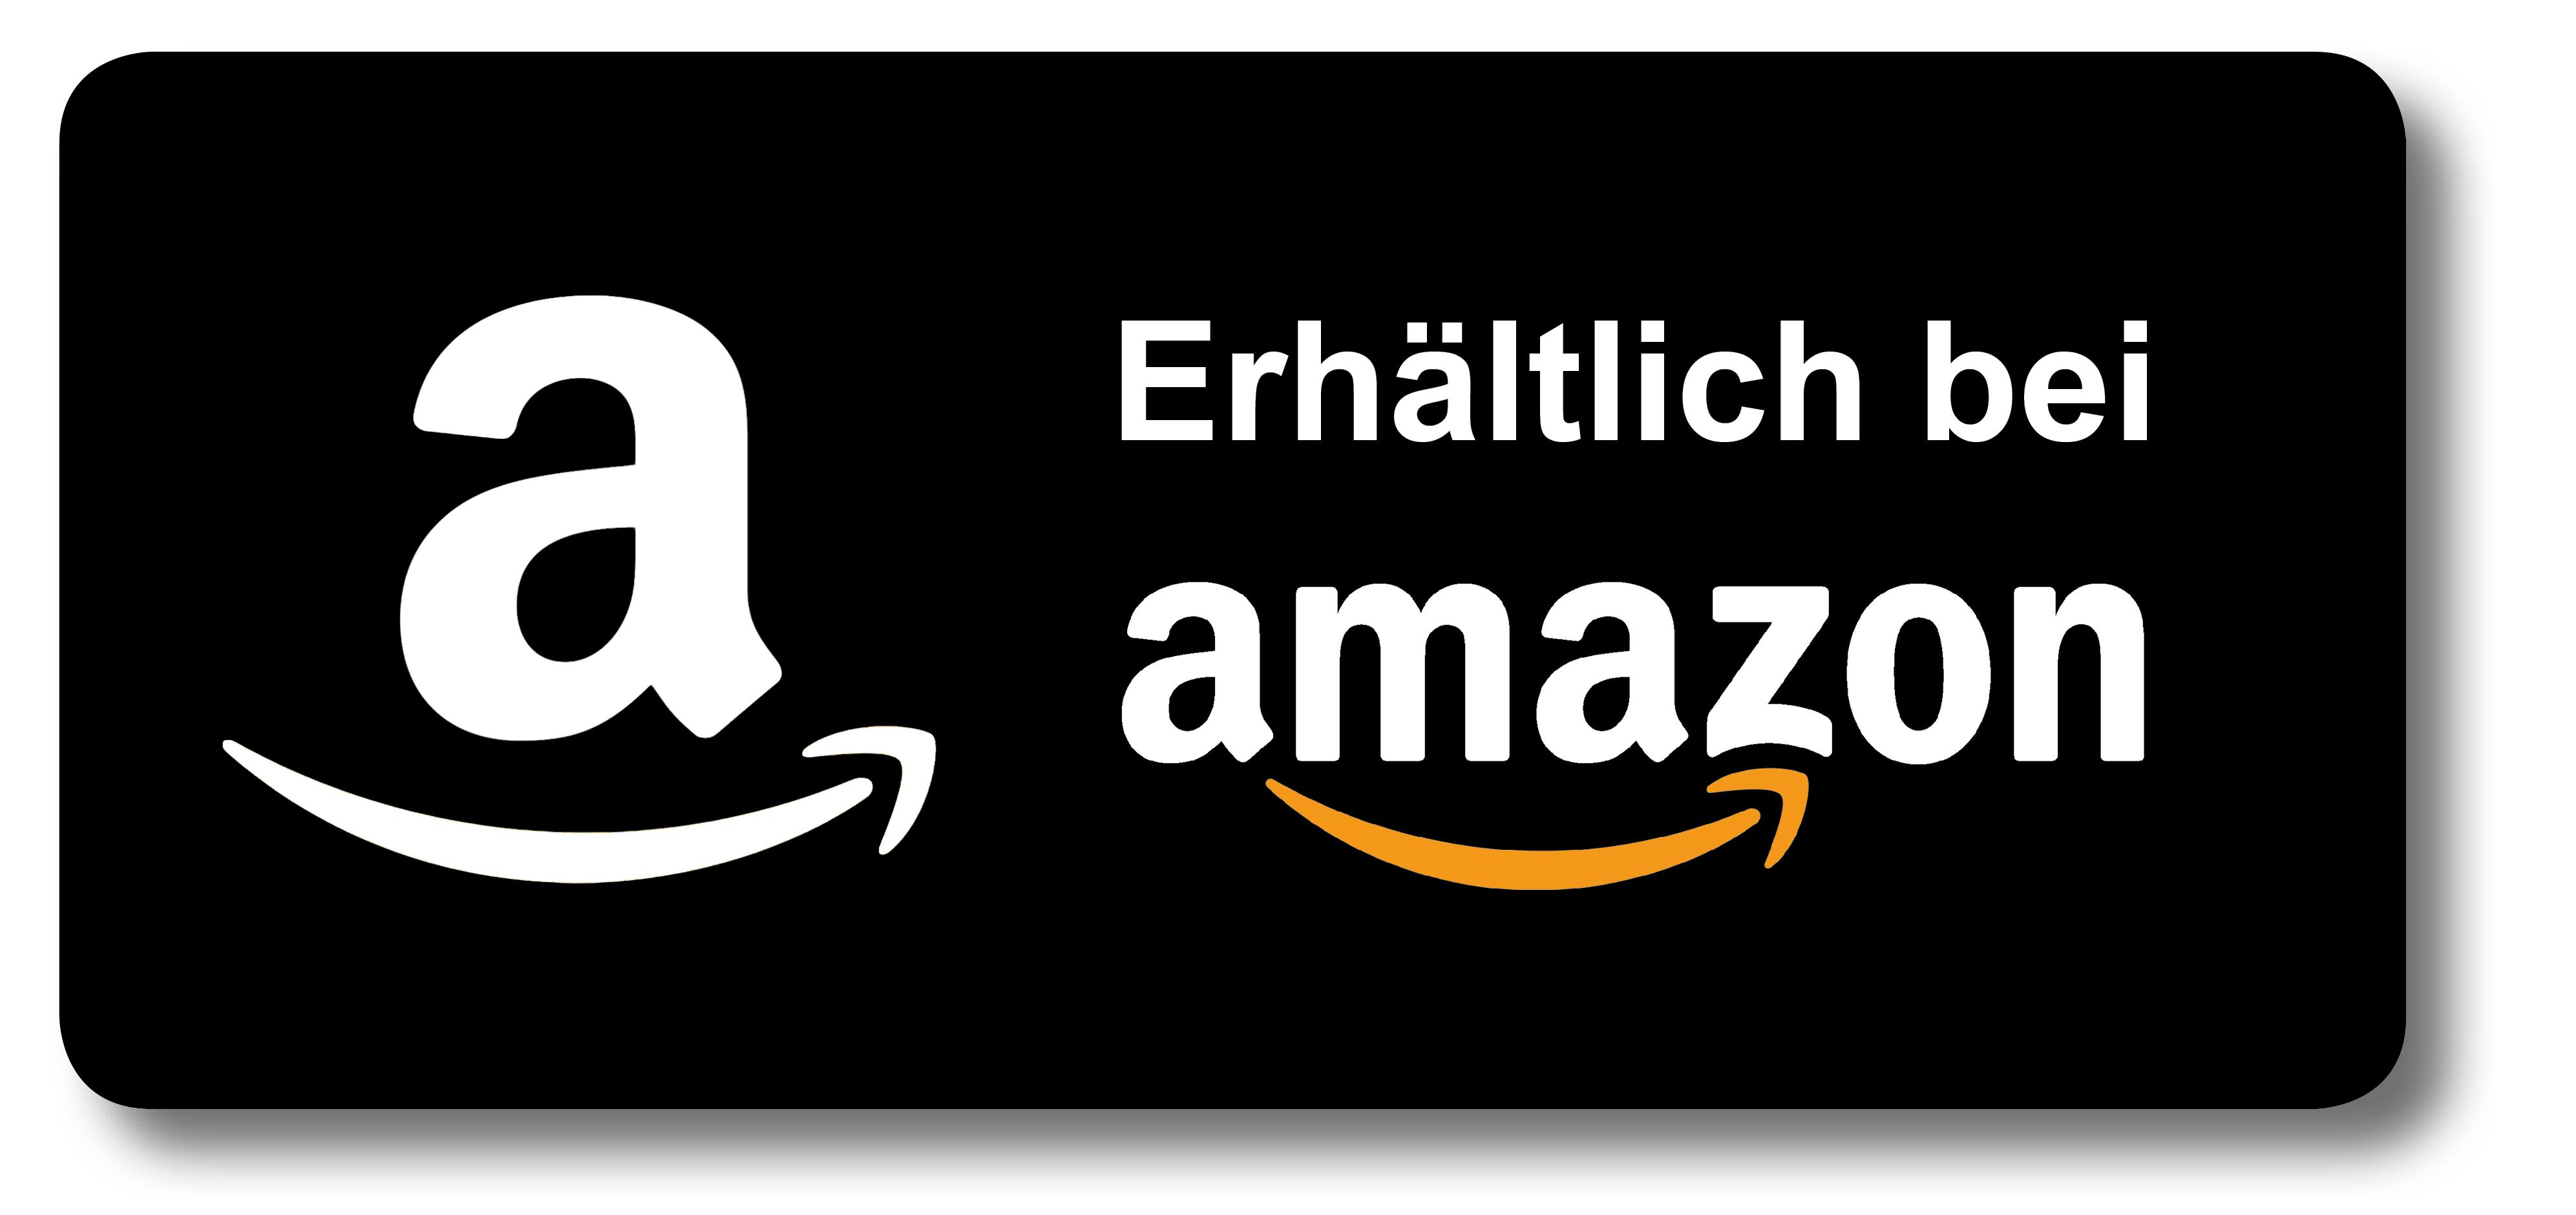 Jetzt bei Amazon erhältlich